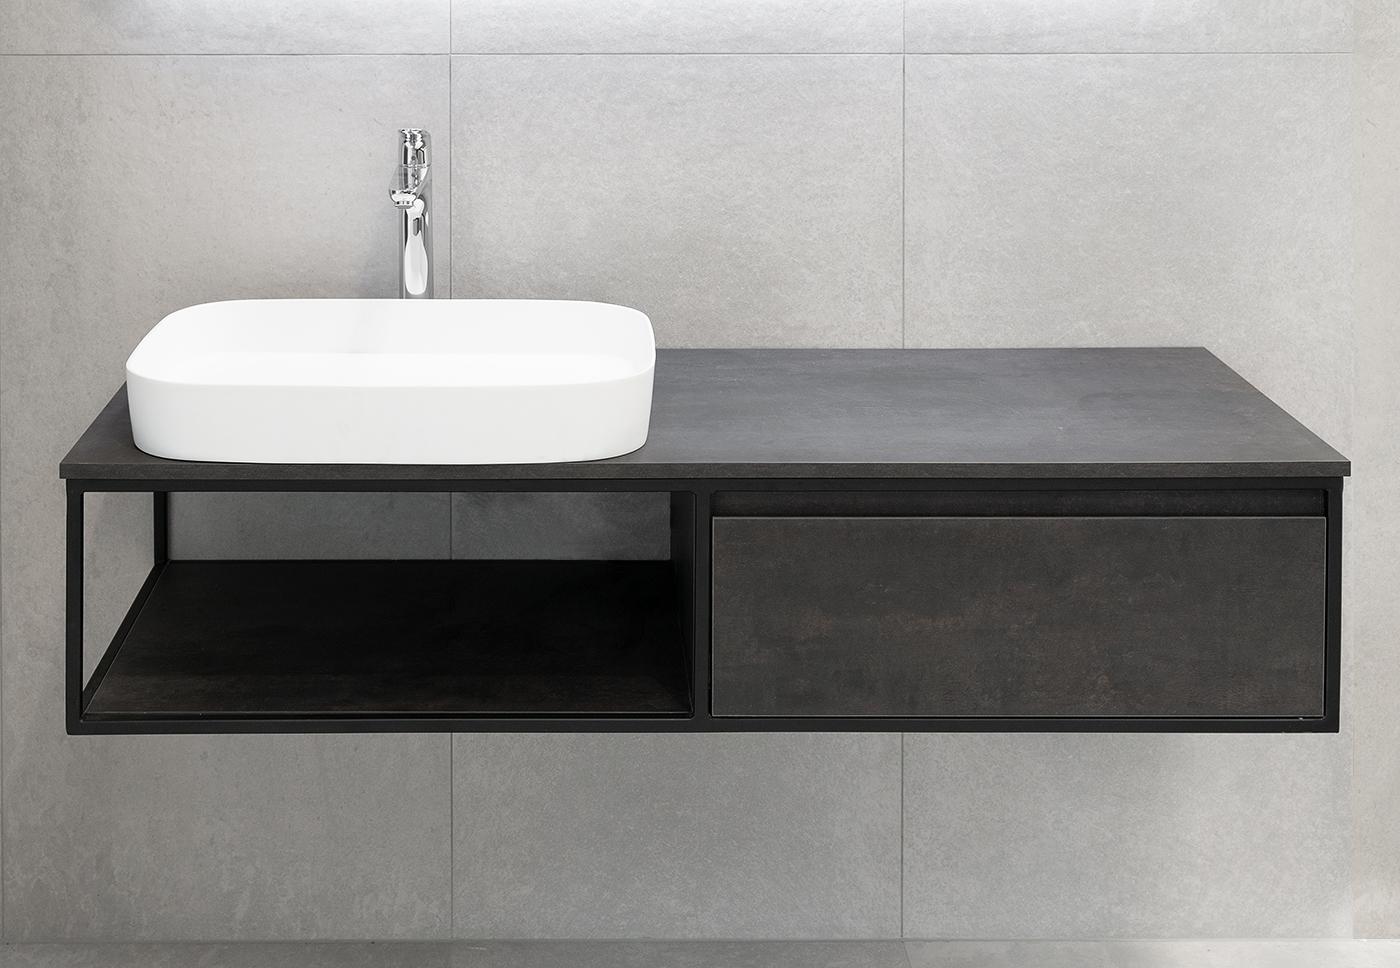 Badmöbel Unterschrank REED-140 (HPL / beton) ohne Waschtisch